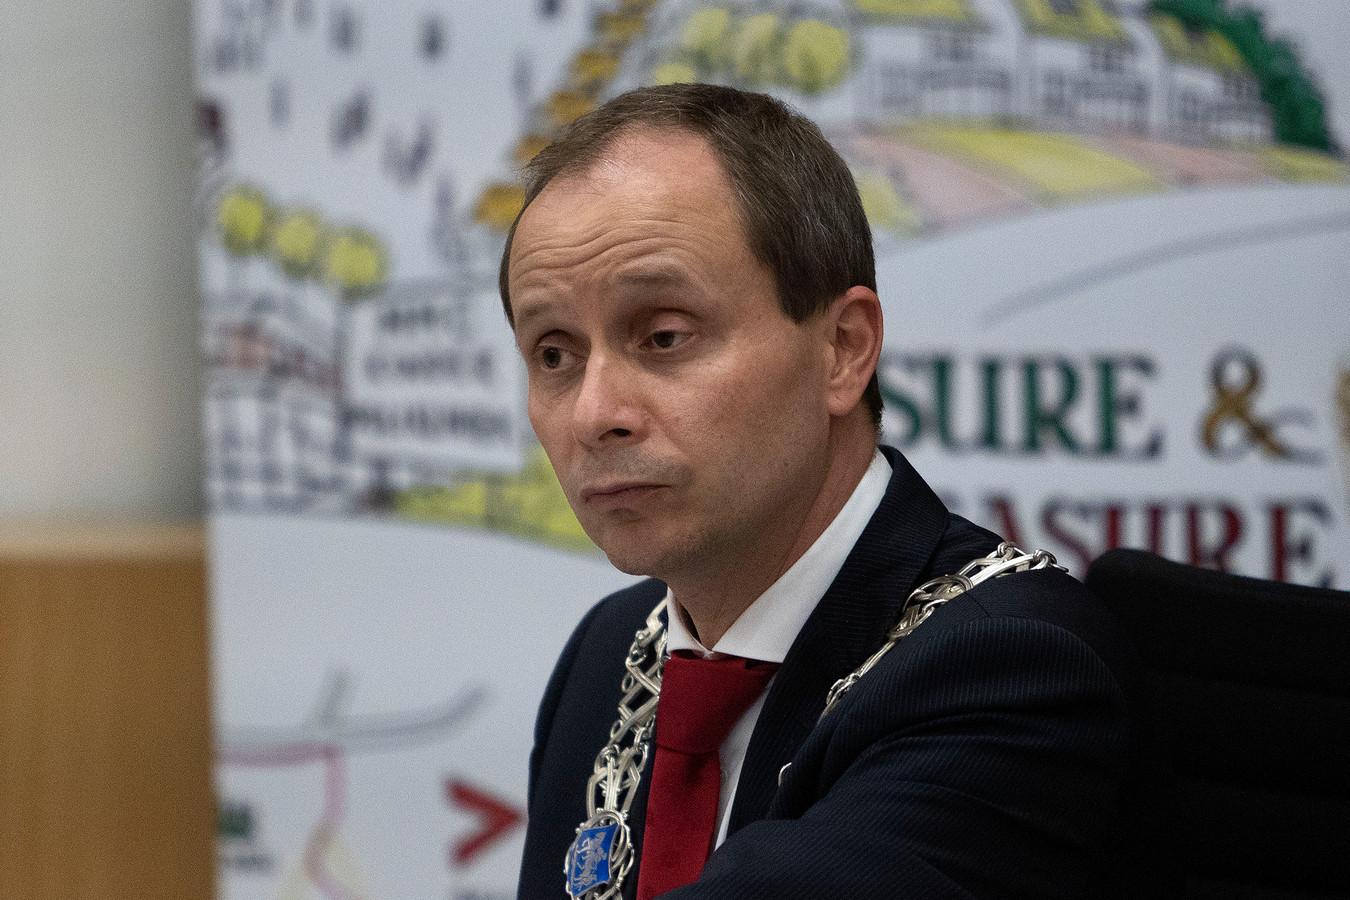 Het optreden van burgemeester Anton Ederveen werd na de hevige rellen van eind januari in onder meer Eindhoven geprezen door de gemeenteraad van Valkenswaard.